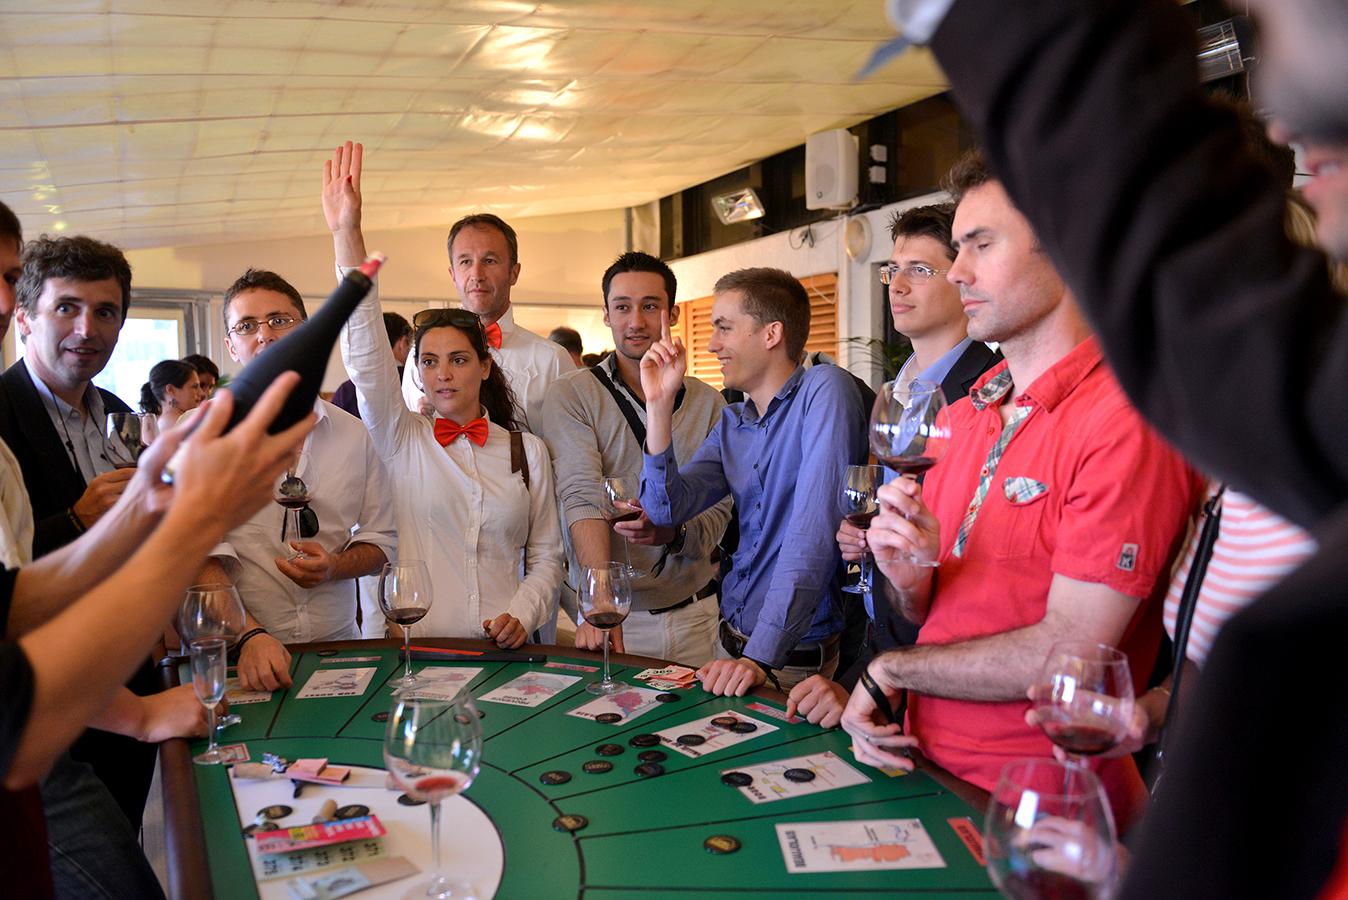 7-soiree-d-entreprise-casino-la-grande-motte